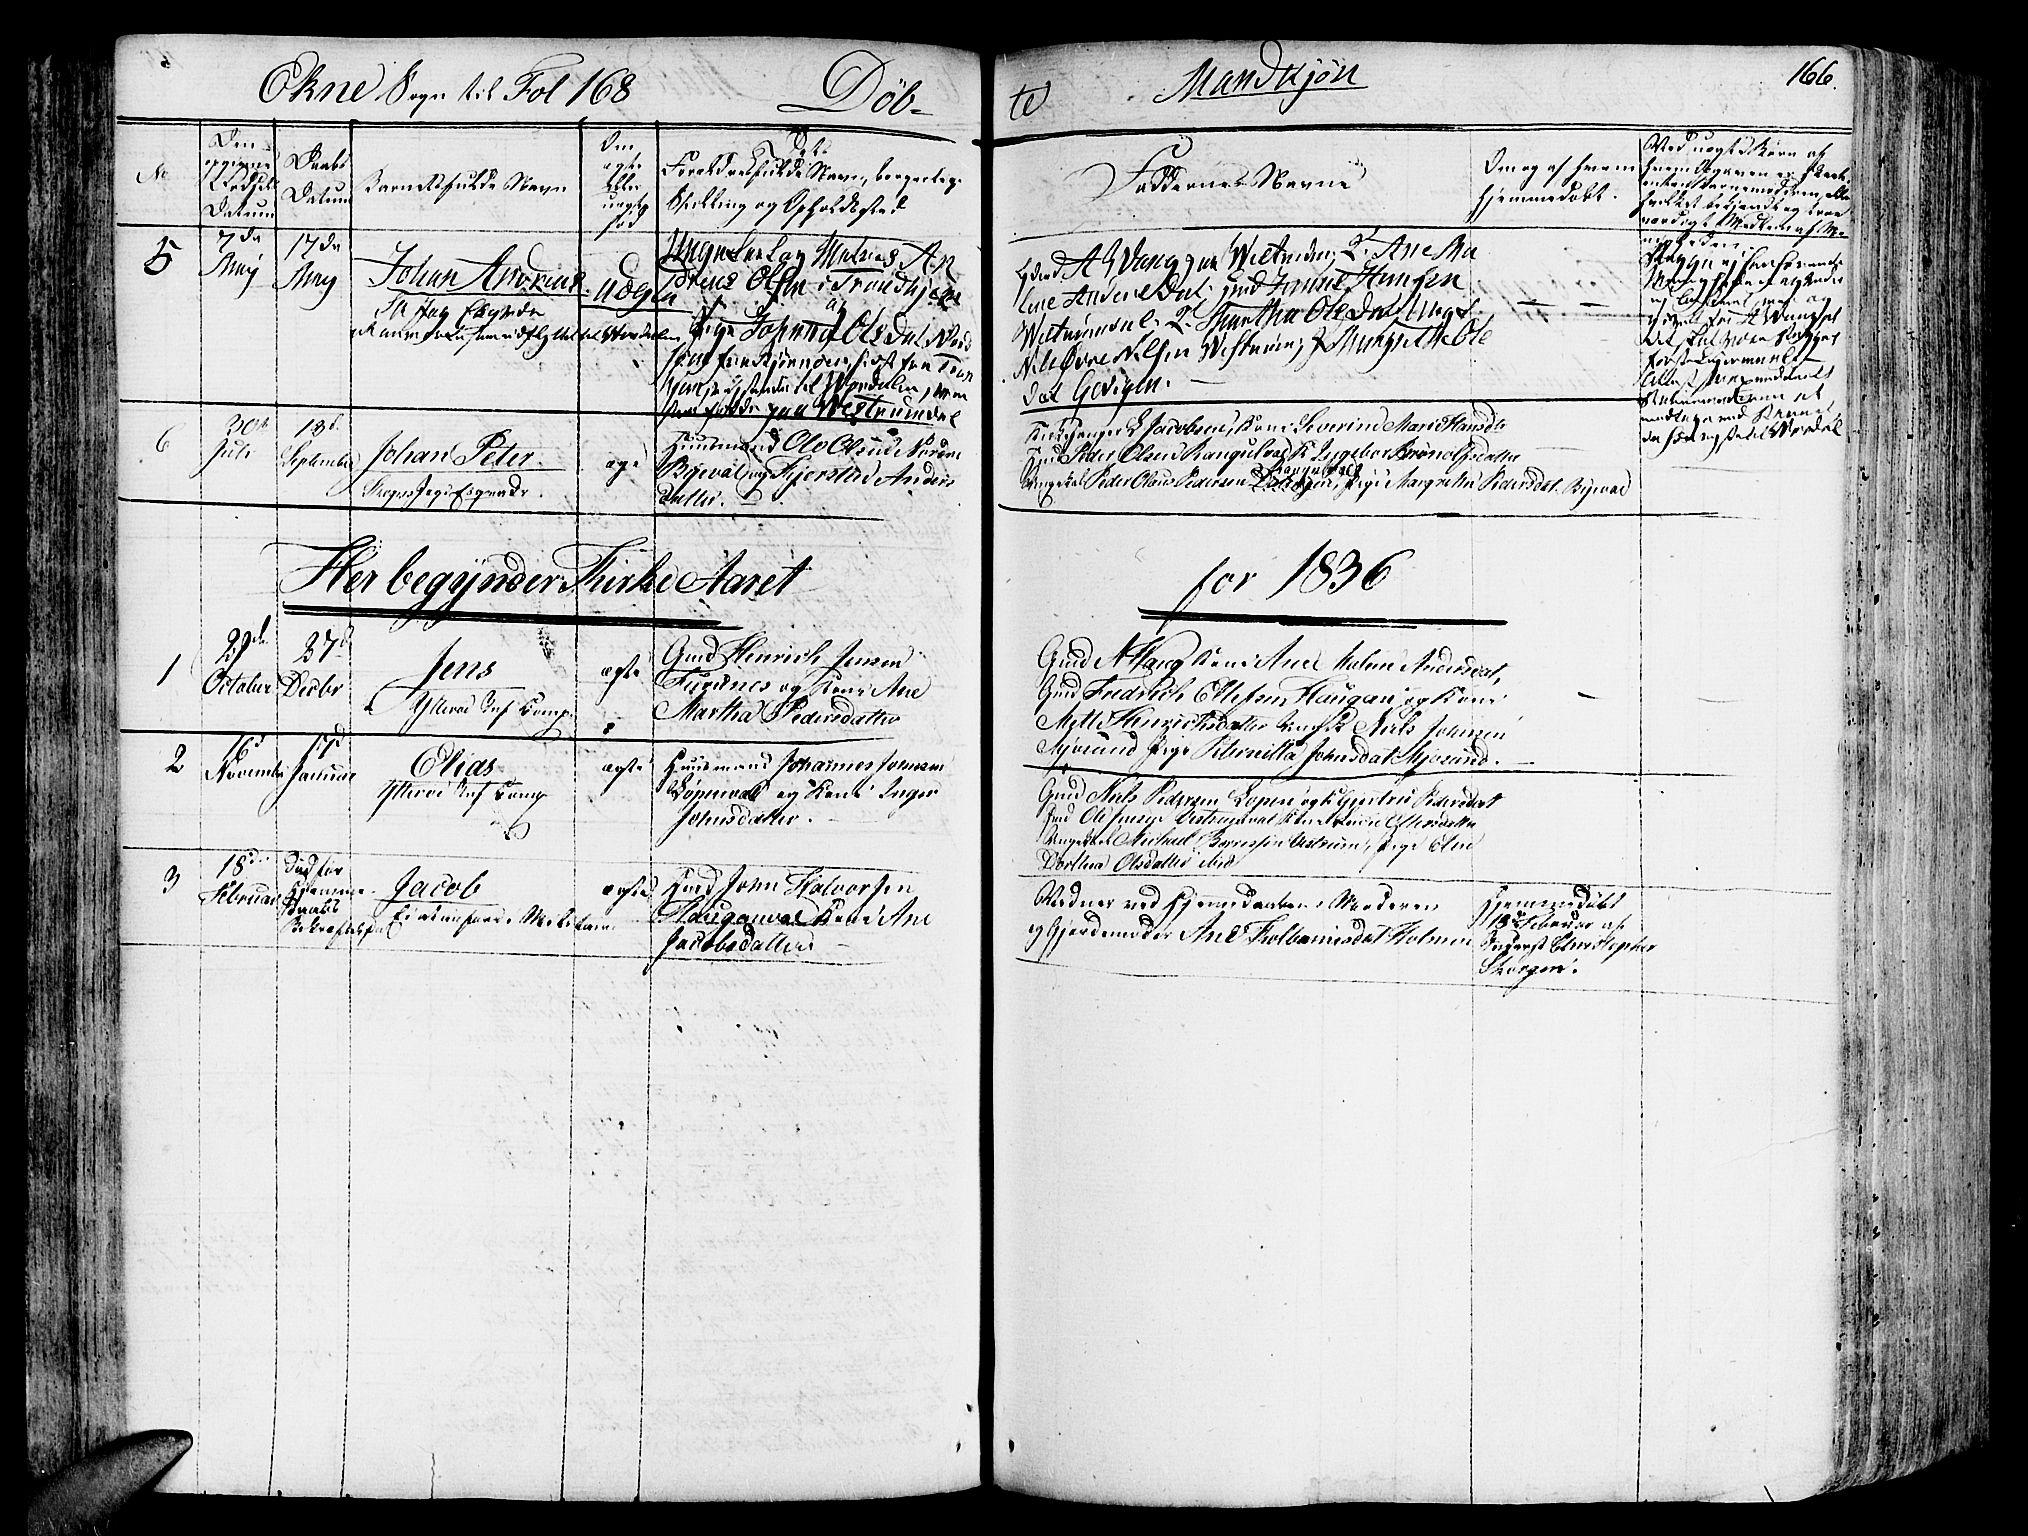 SAT, Ministerialprotokoller, klokkerbøker og fødselsregistre - Nord-Trøndelag, 717/L0152: Ministerialbok nr. 717A05 /2, 1828-1836, s. 166